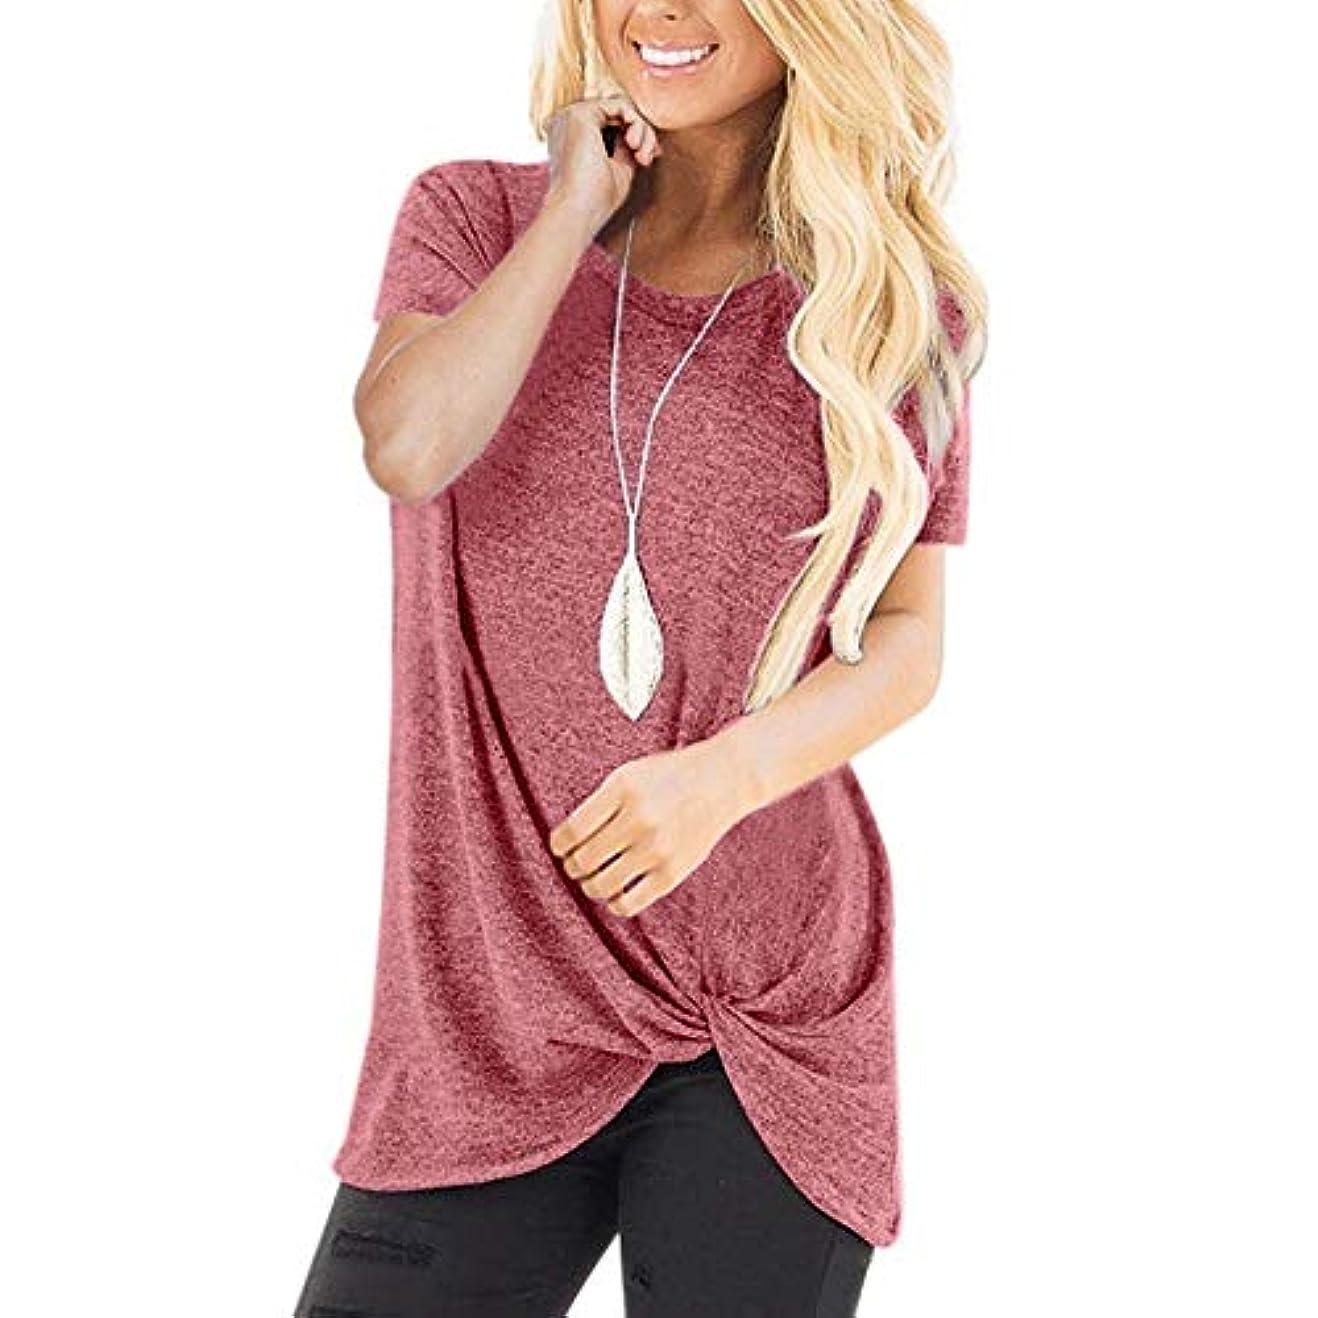 常習者閉塞辞書MIFAN コットンTシャツ、カジュアルTシャツ、レディースブラウス、トップス&Tシャツ、プラスサイズ、ルーズtシャツ